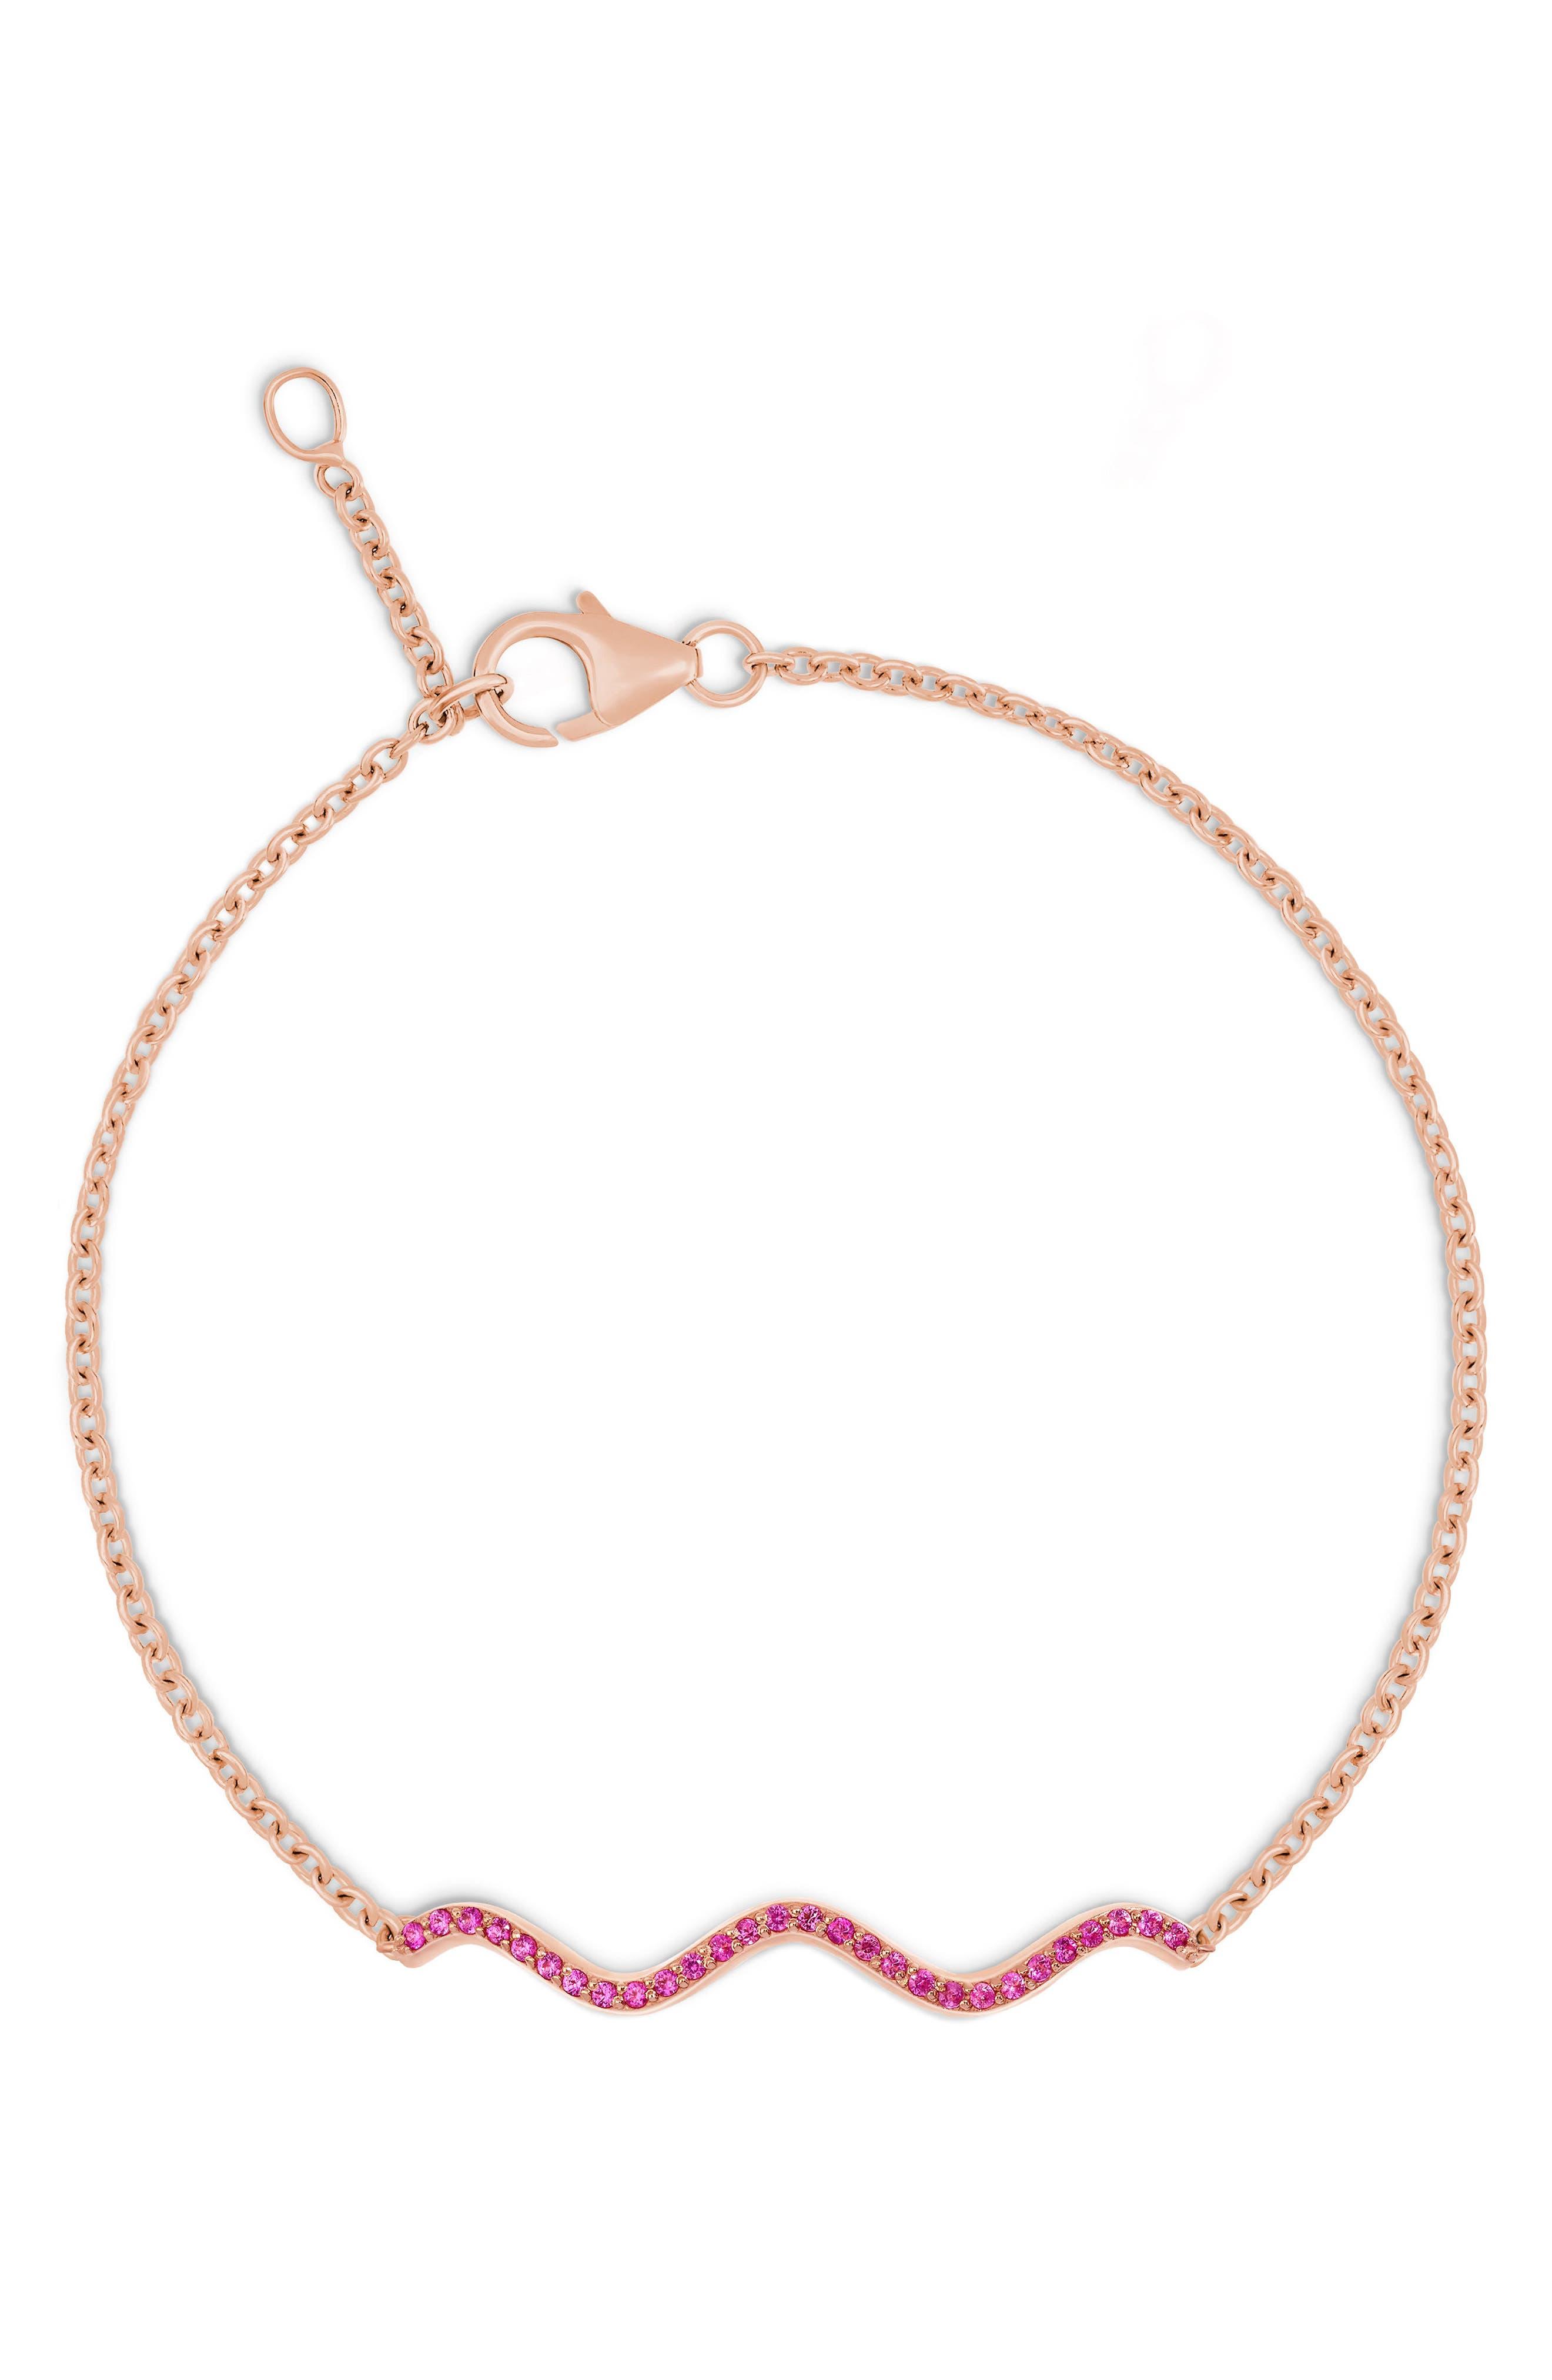 Memphis Chained Wave Pink Sapphire Bracelet,                         Main,                         color, 710